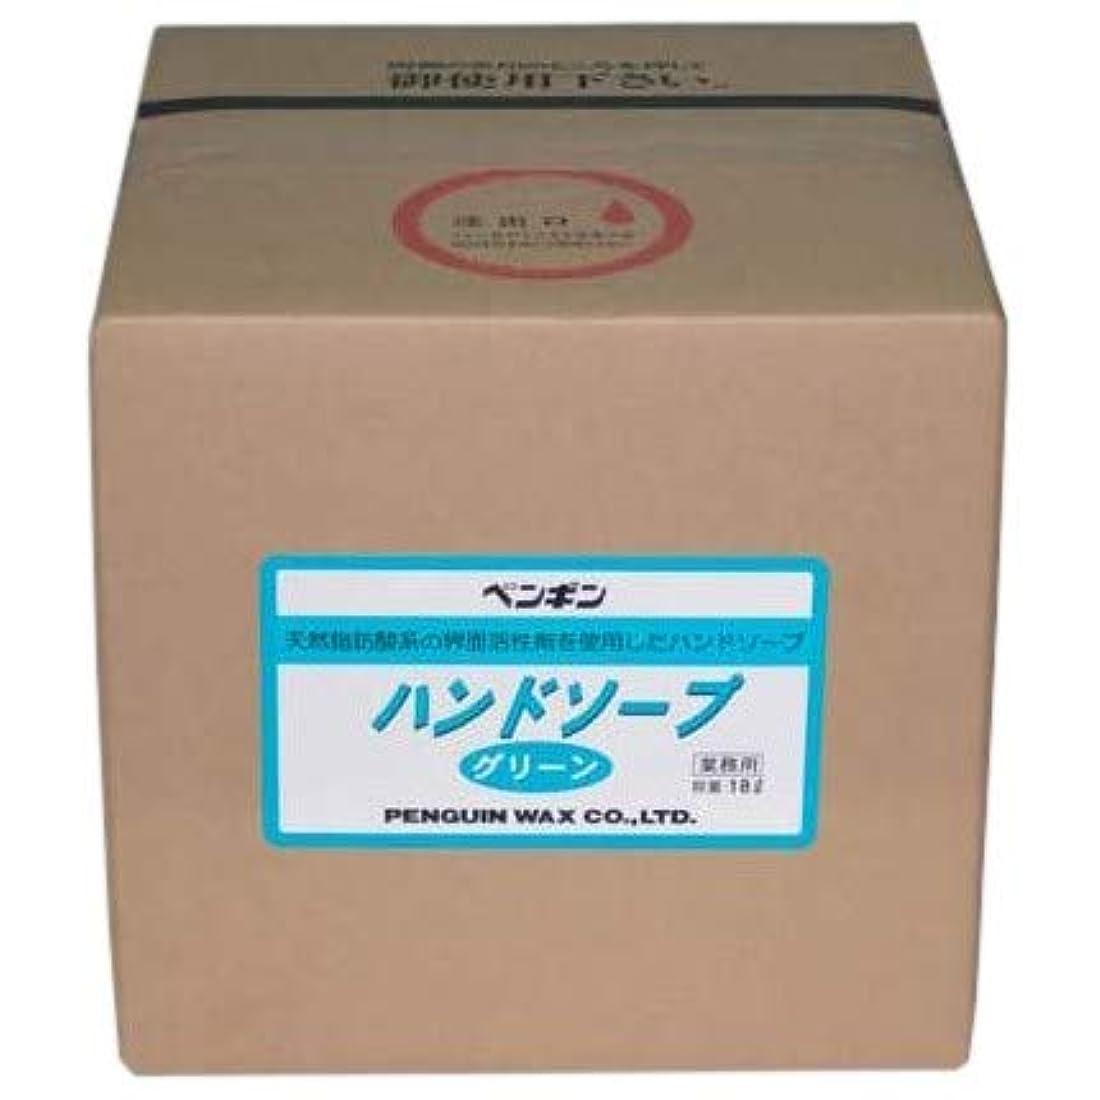 ヘクタール吸う化学薬品ハンドソープグリーン 18L 業務用